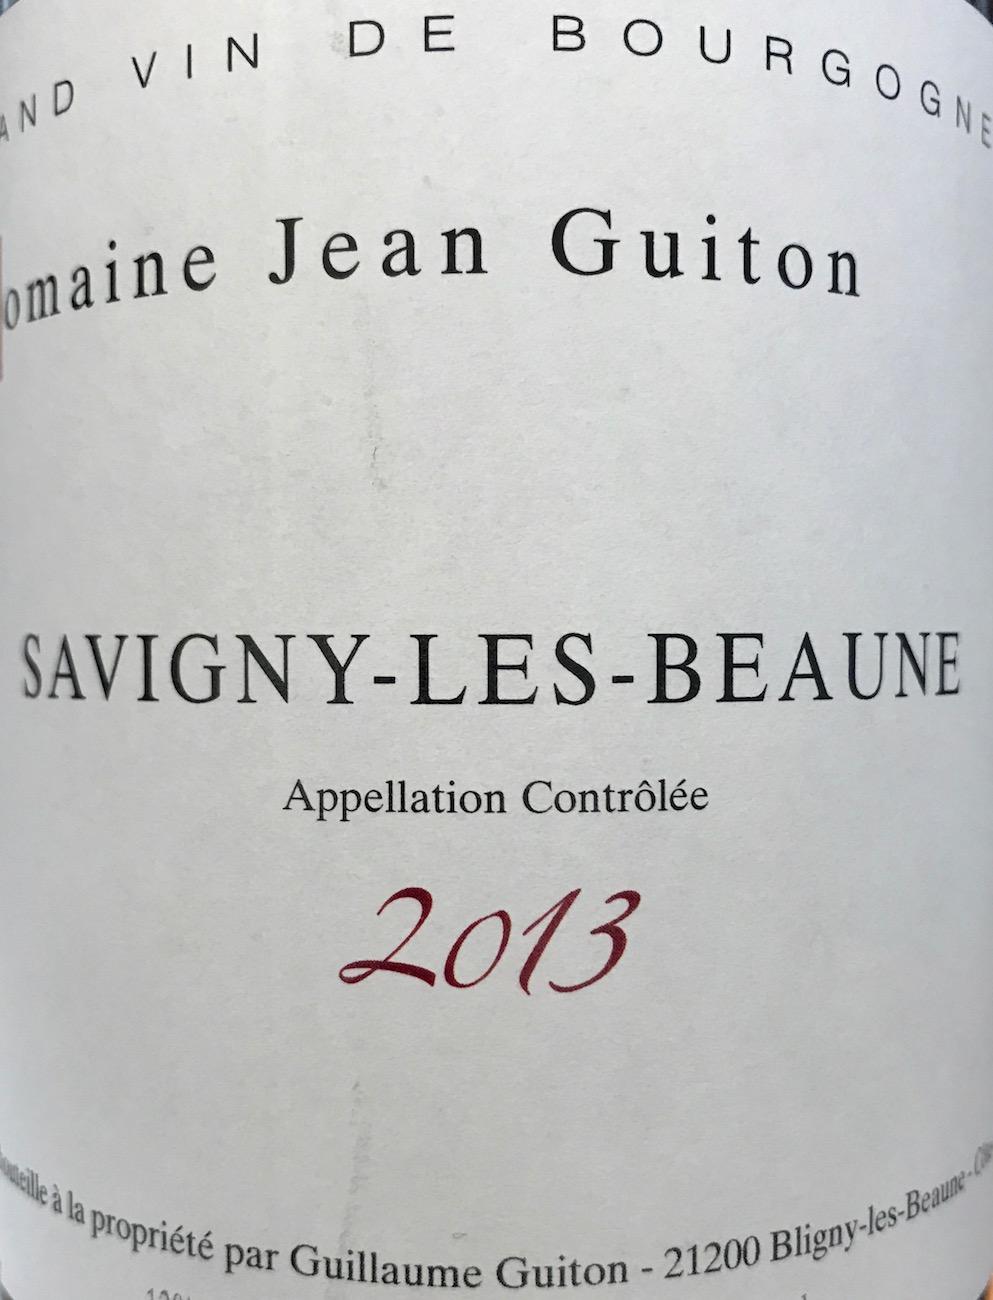 Jean Guiton Savigny-lès-Beaune